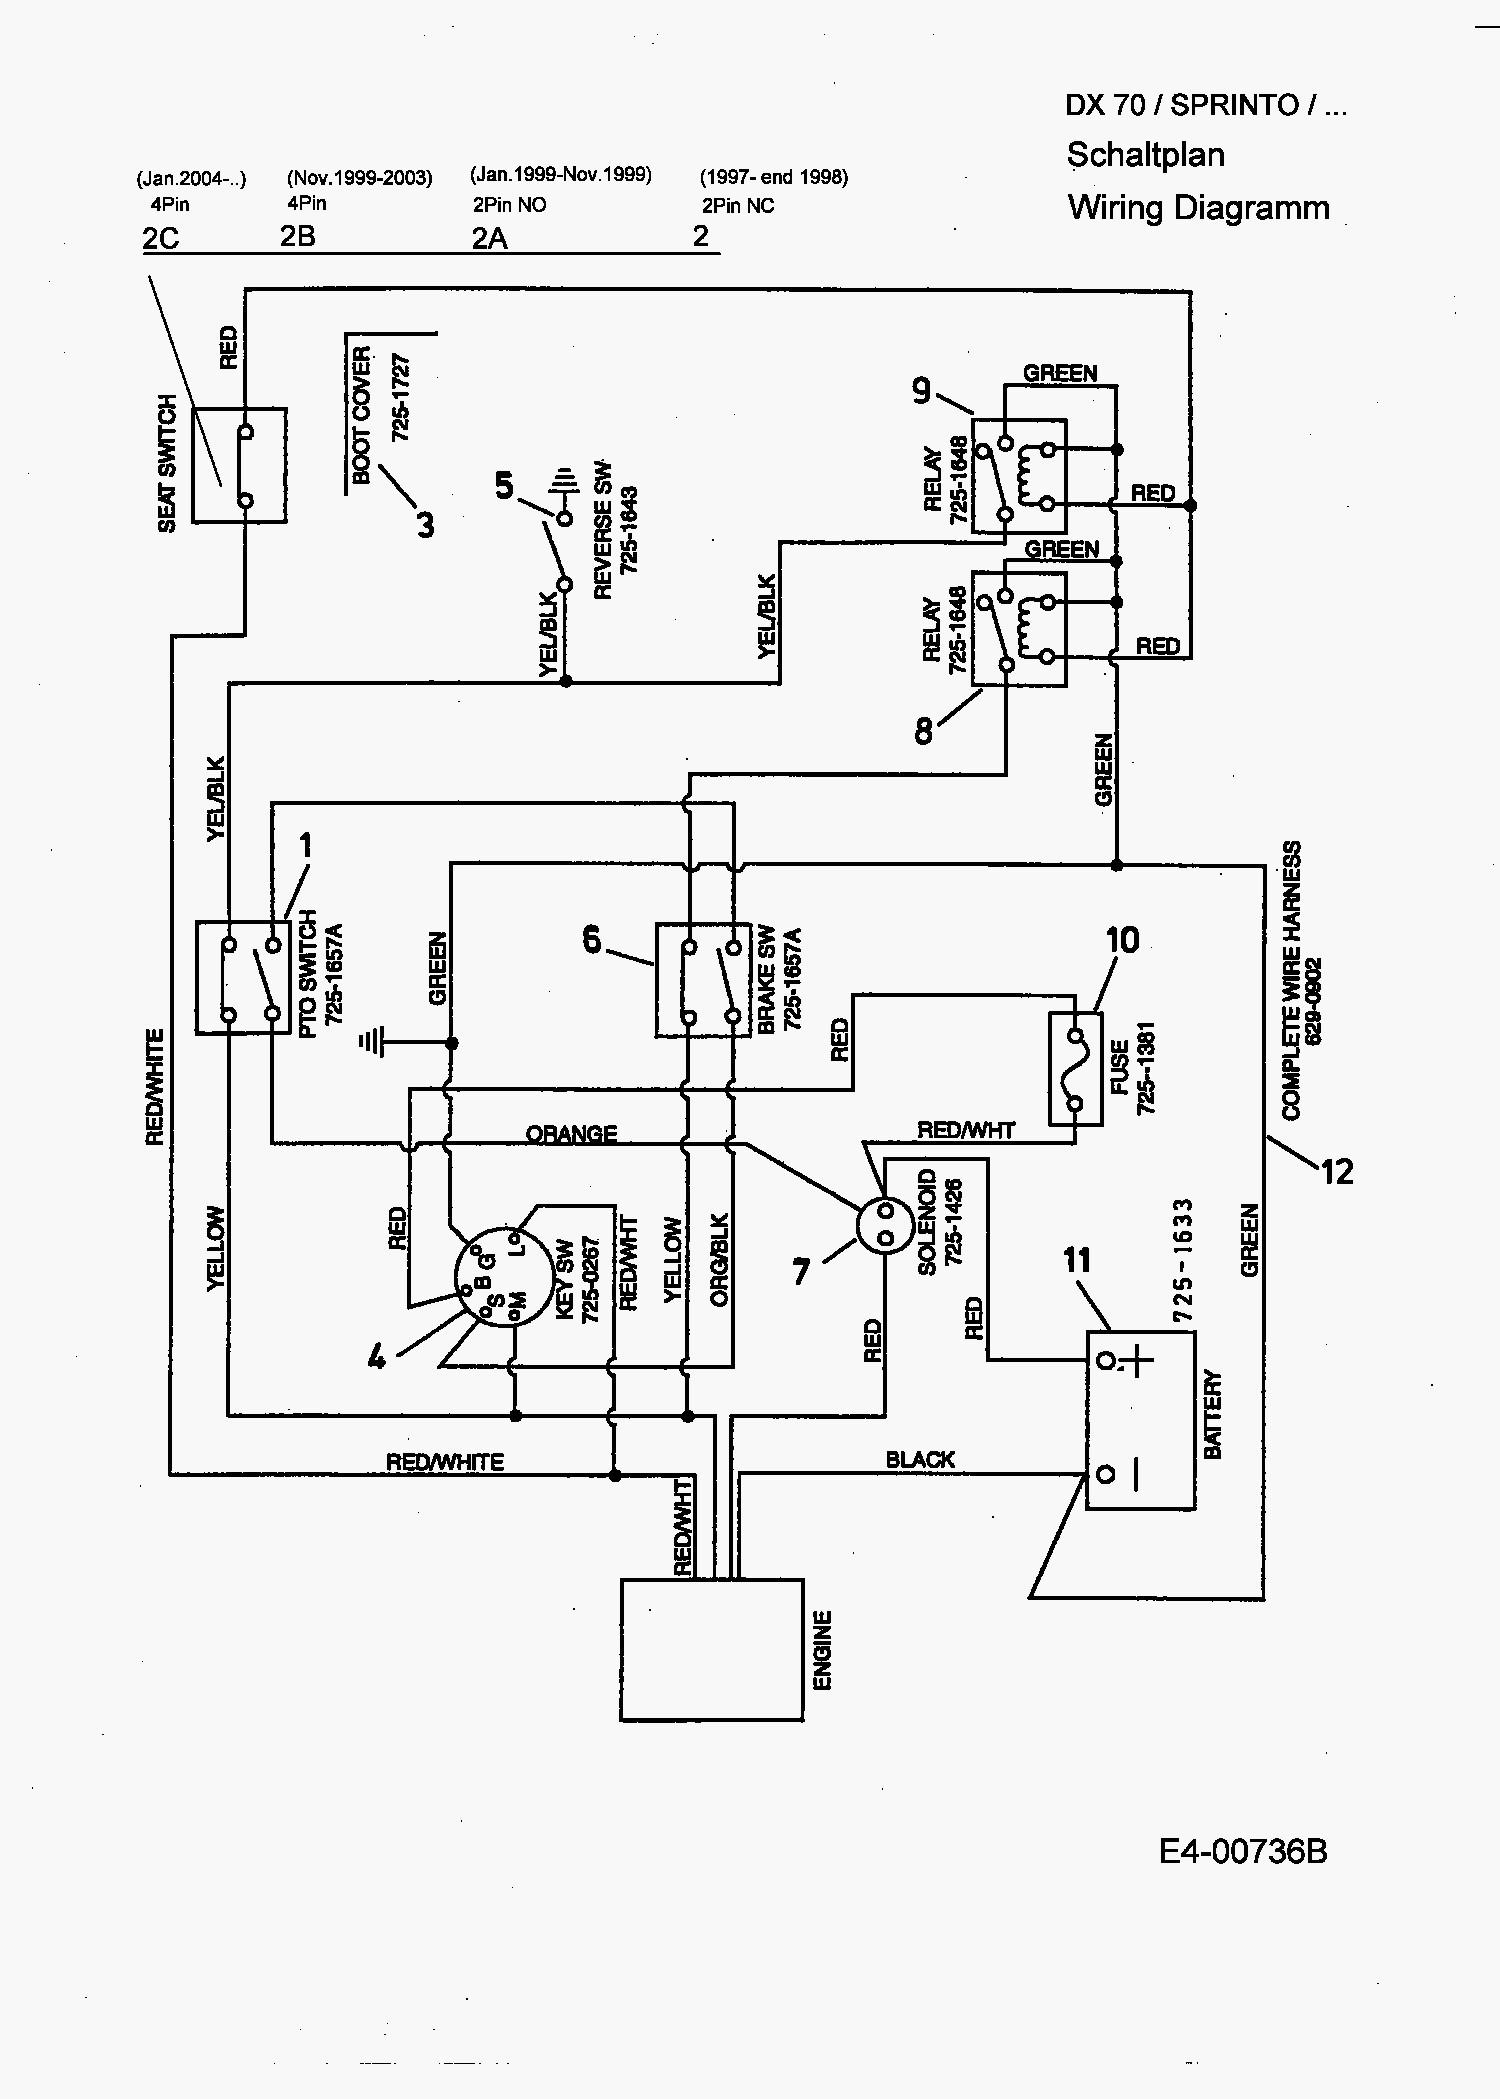 13ad624g643 Zg Wiring Diagram